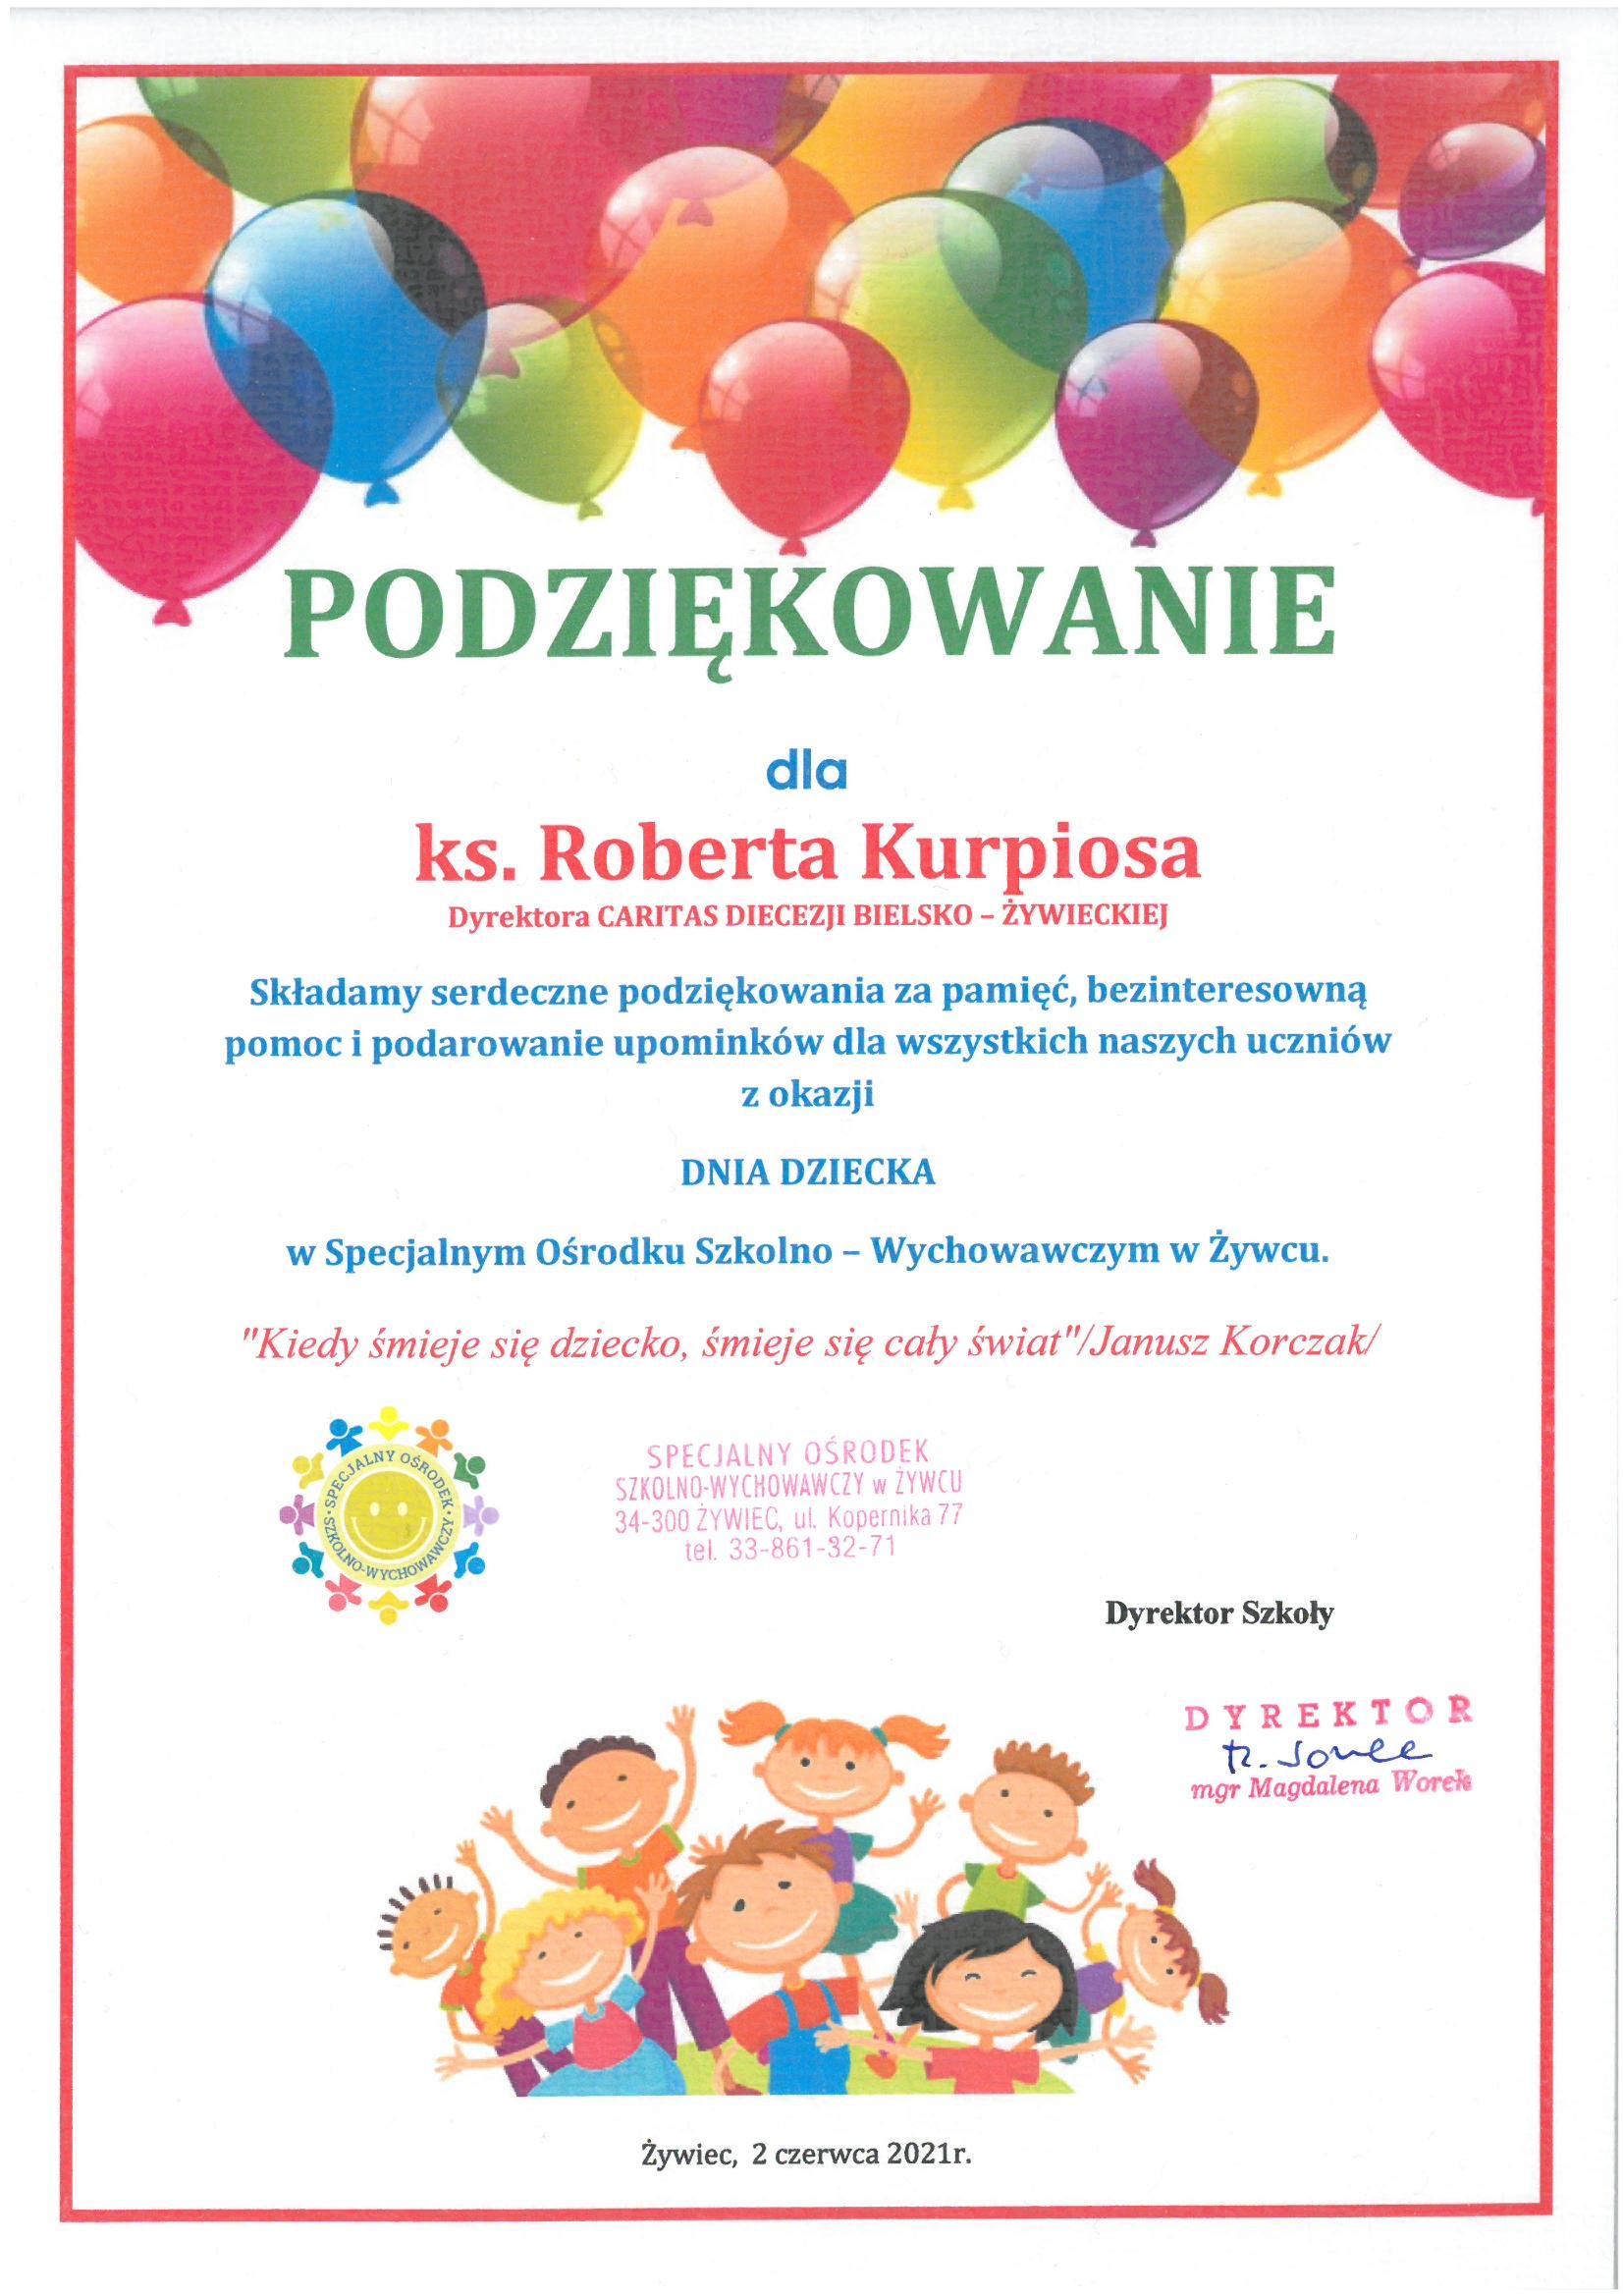 Podziękowanie od Specjalnego Ośrodka Szkolno-Wychowawczego w Żywcu